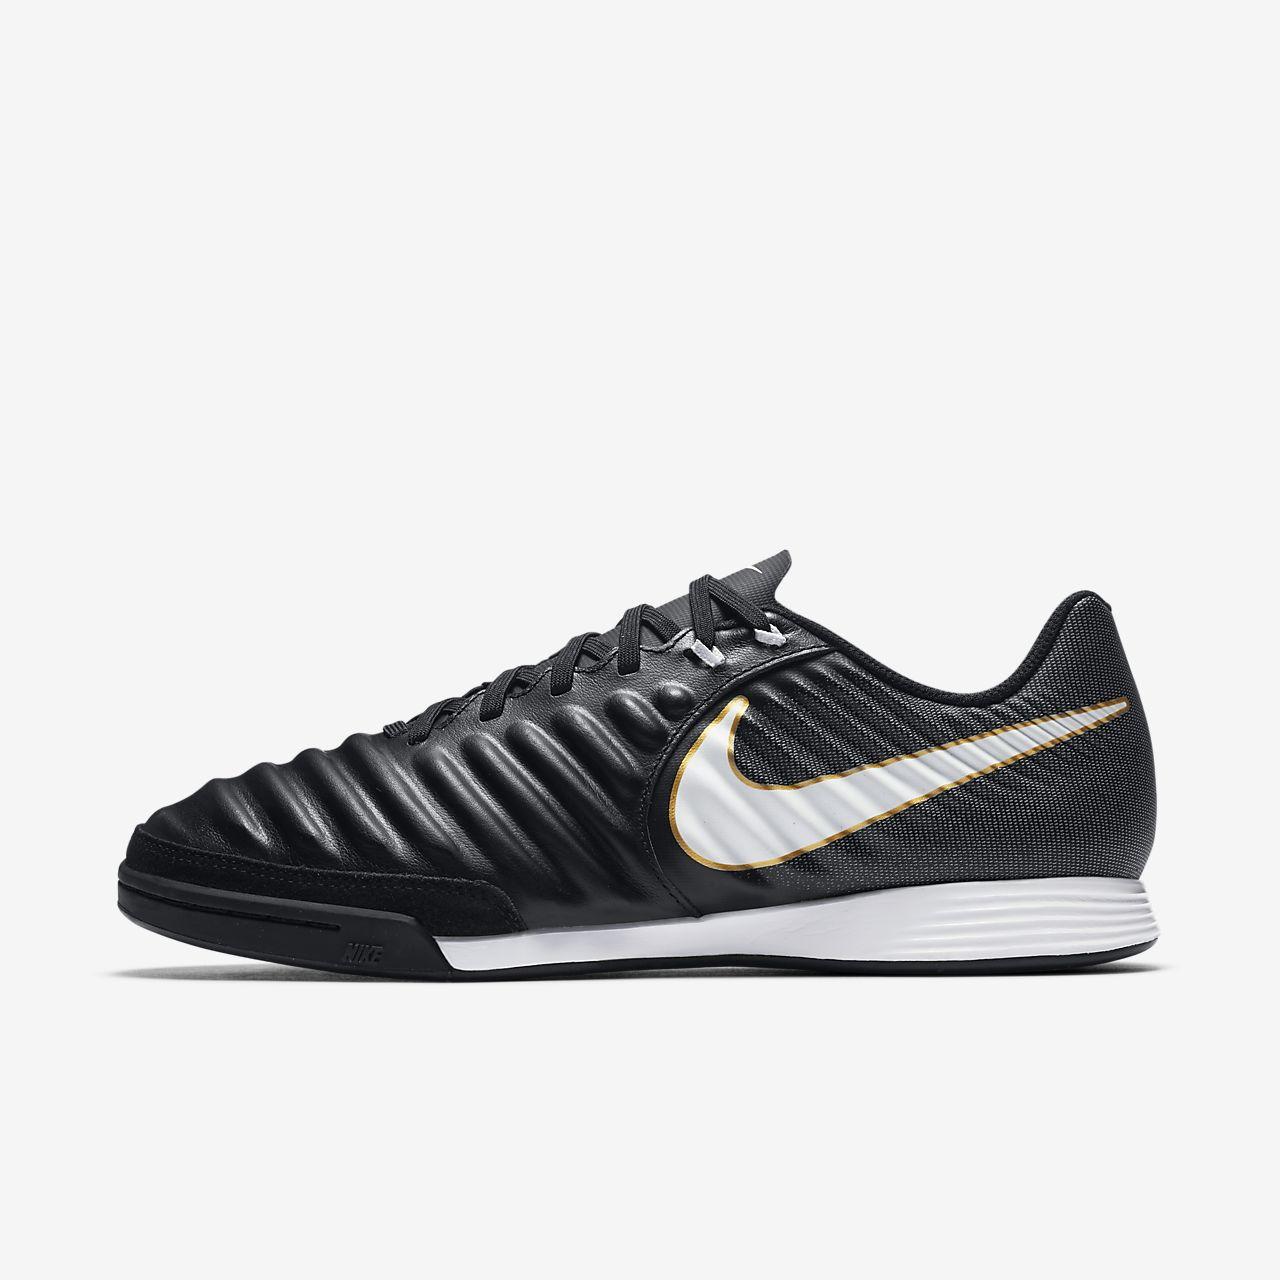 ... Nike TiempoX Ligera IV Botas de fútbol sala